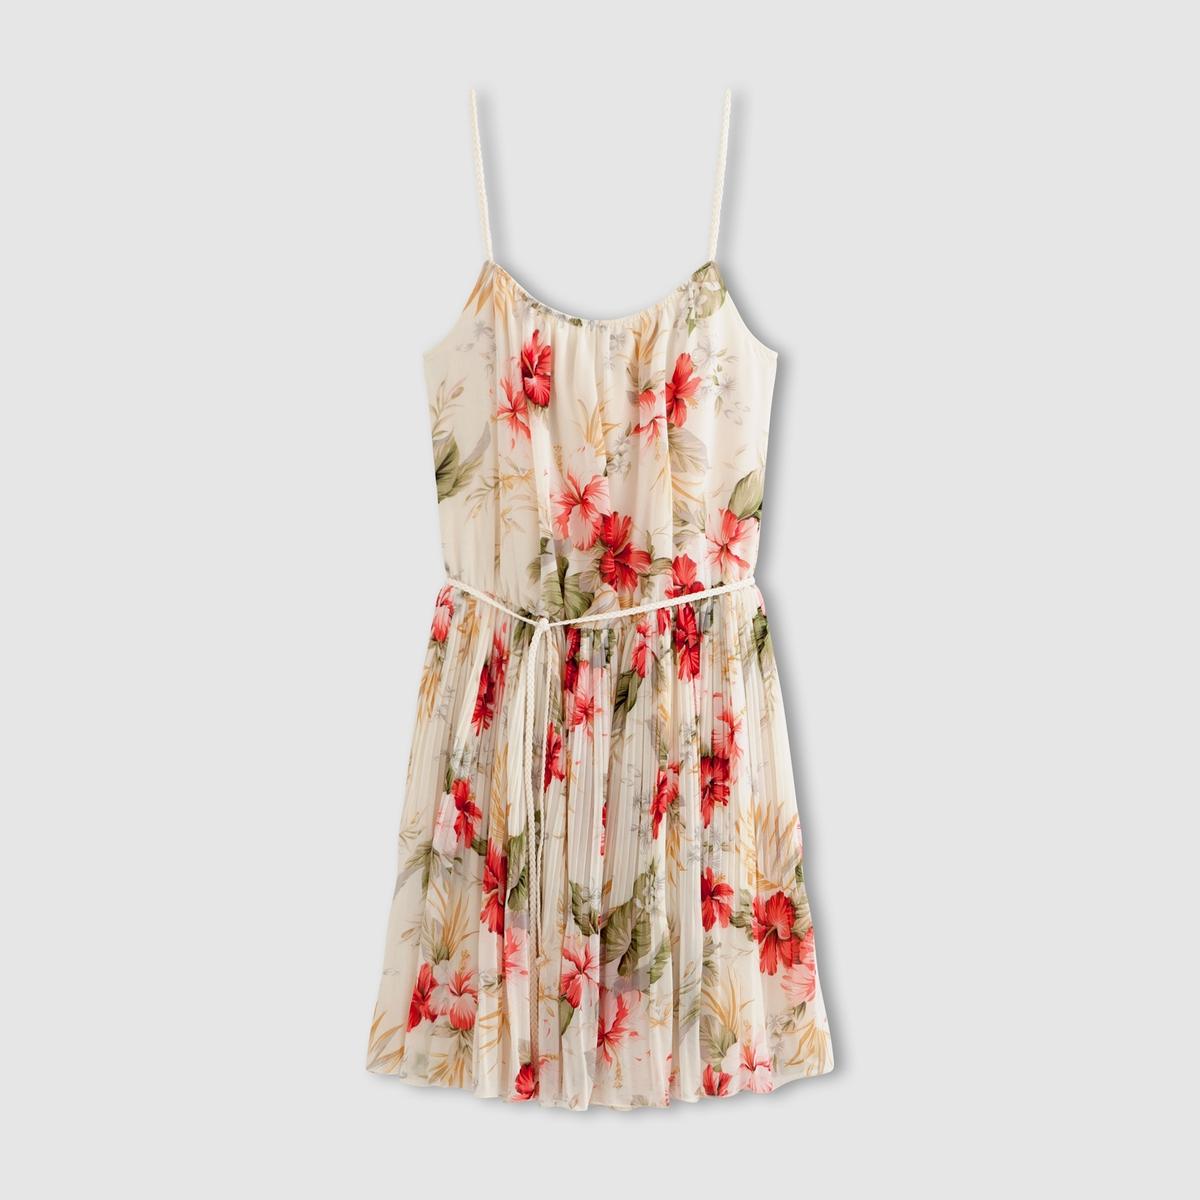 где купить Платье с тонкими бретелями MOLLY BRACKEN, LADIES WOVEN AND KNIT DRESS по лучшей цене